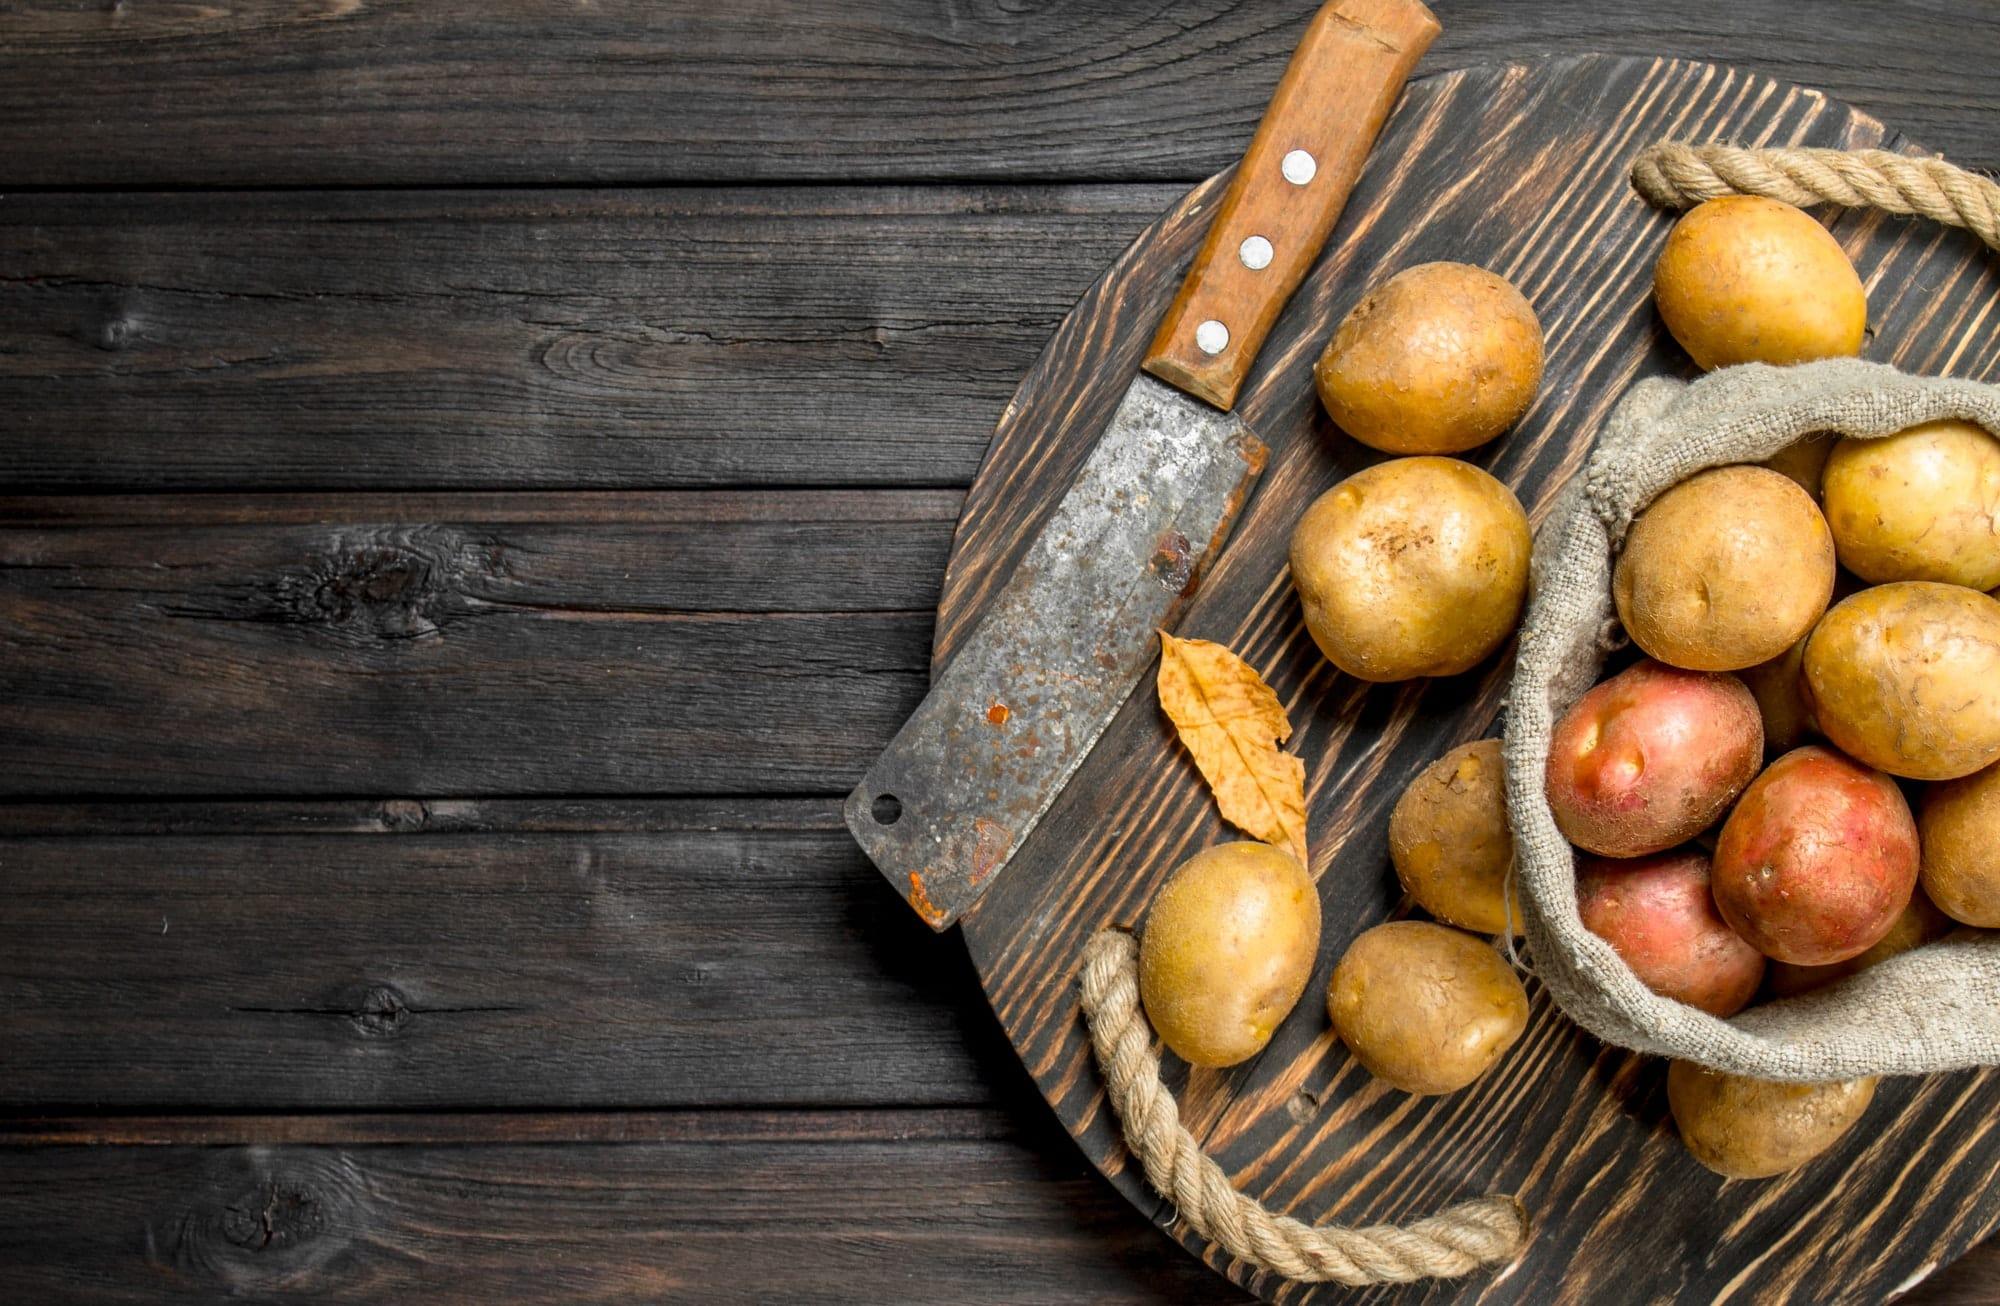 patates et couteau posés sur une table